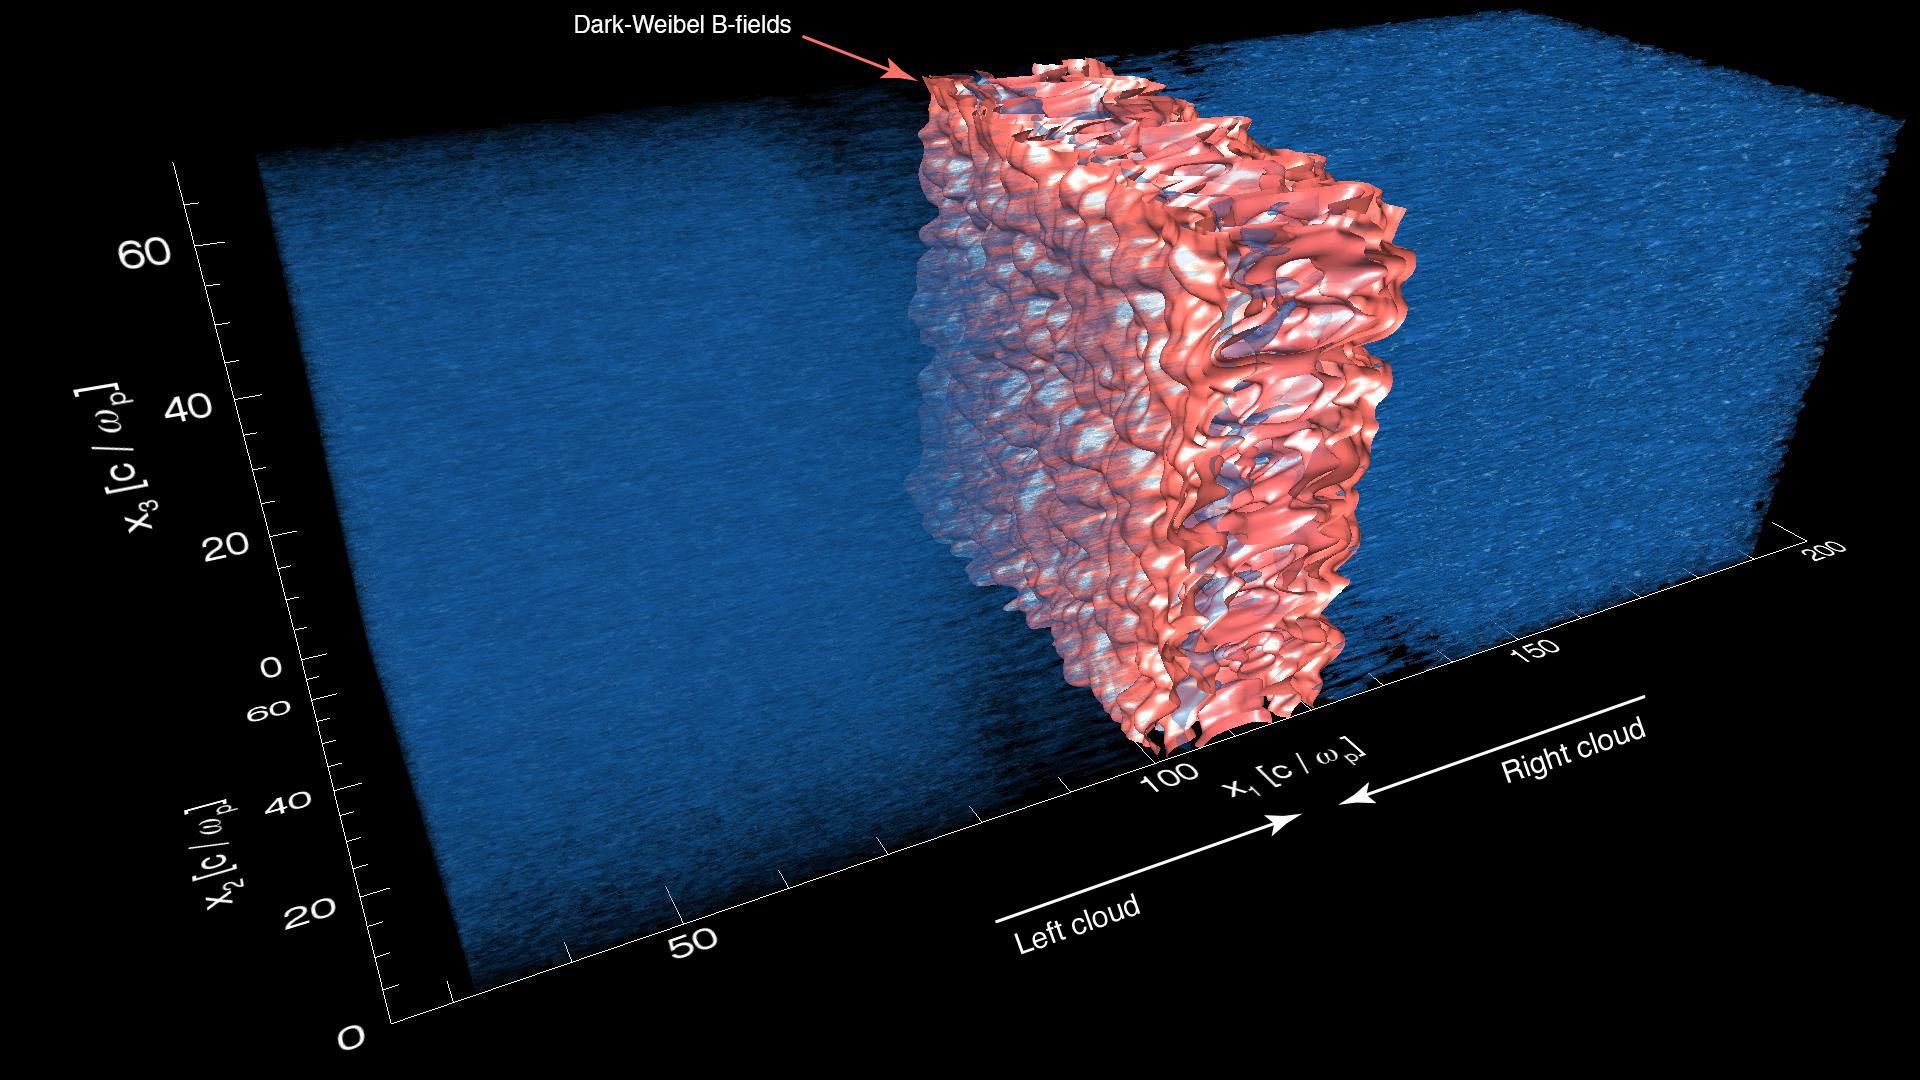 dark matter electromagnetism nitin shukla 2019